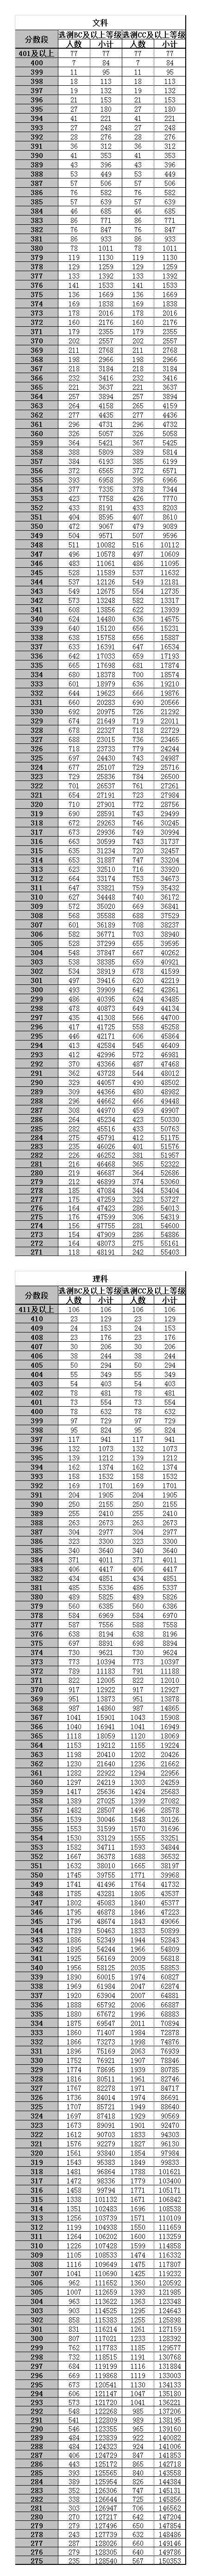 江苏2018年高考成绩一分一段表!